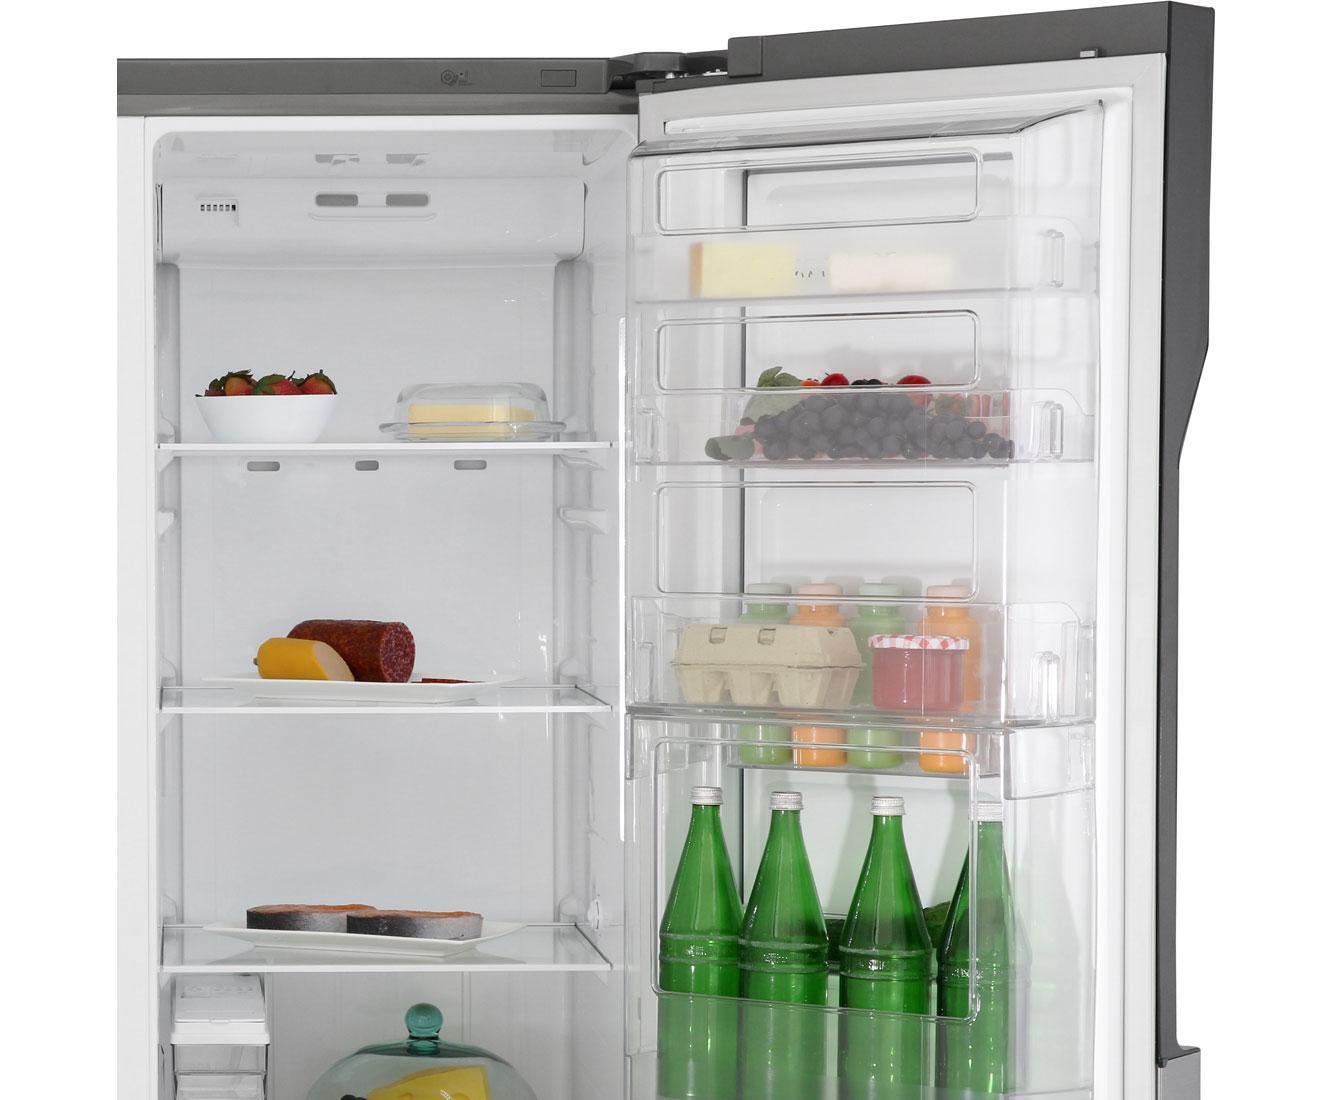 Amerikanischer Kühlschrank Wassertank : Lg kühlschrank wassertank ersatzteil camping freizeit gmbh